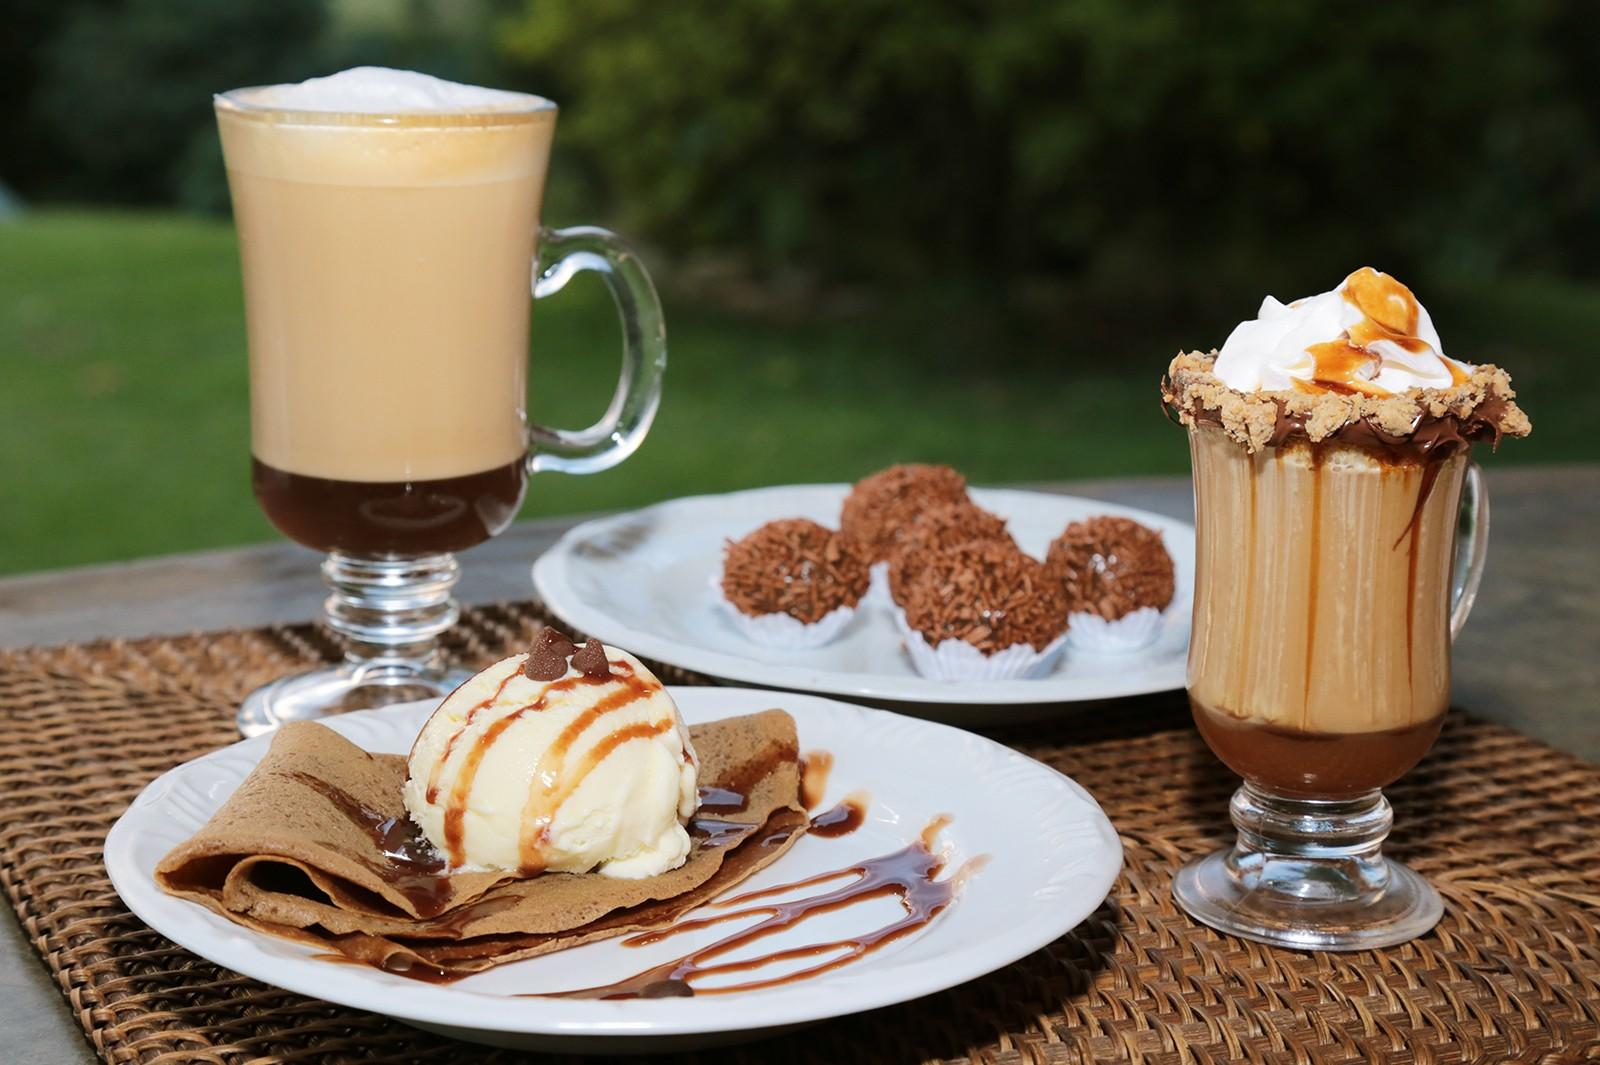 Empresária e barista se unem e criam negócio com receitas inusitadas de café em MG